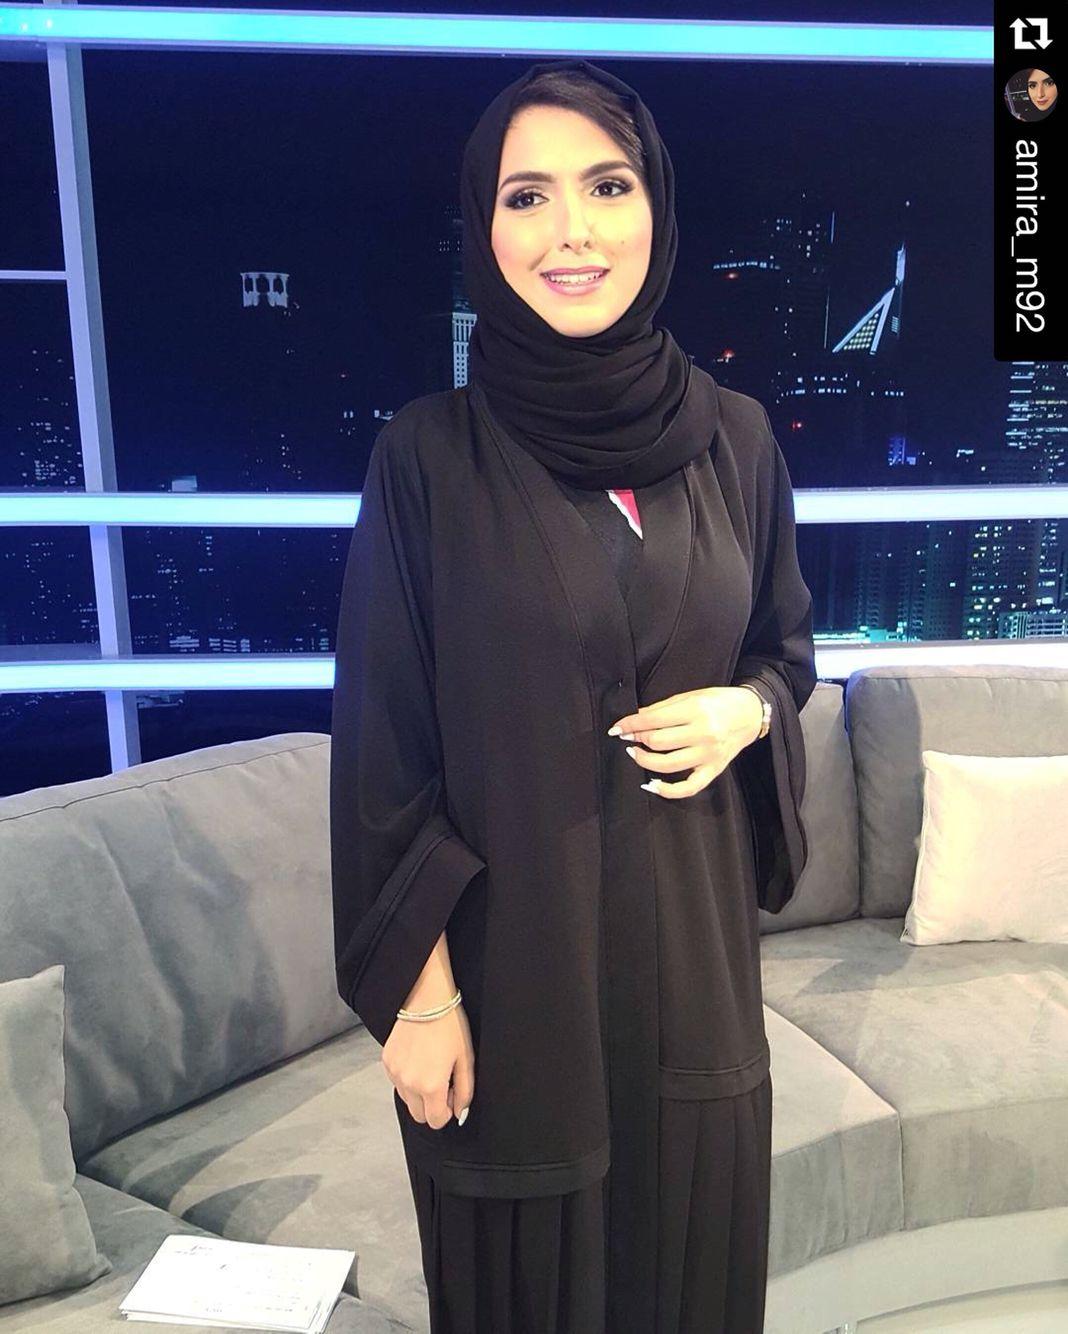 Pleated Abaya Scabiosa Designer Dubai Abudhabi Emirates Lcf Busana Muslim Layla Phasmina